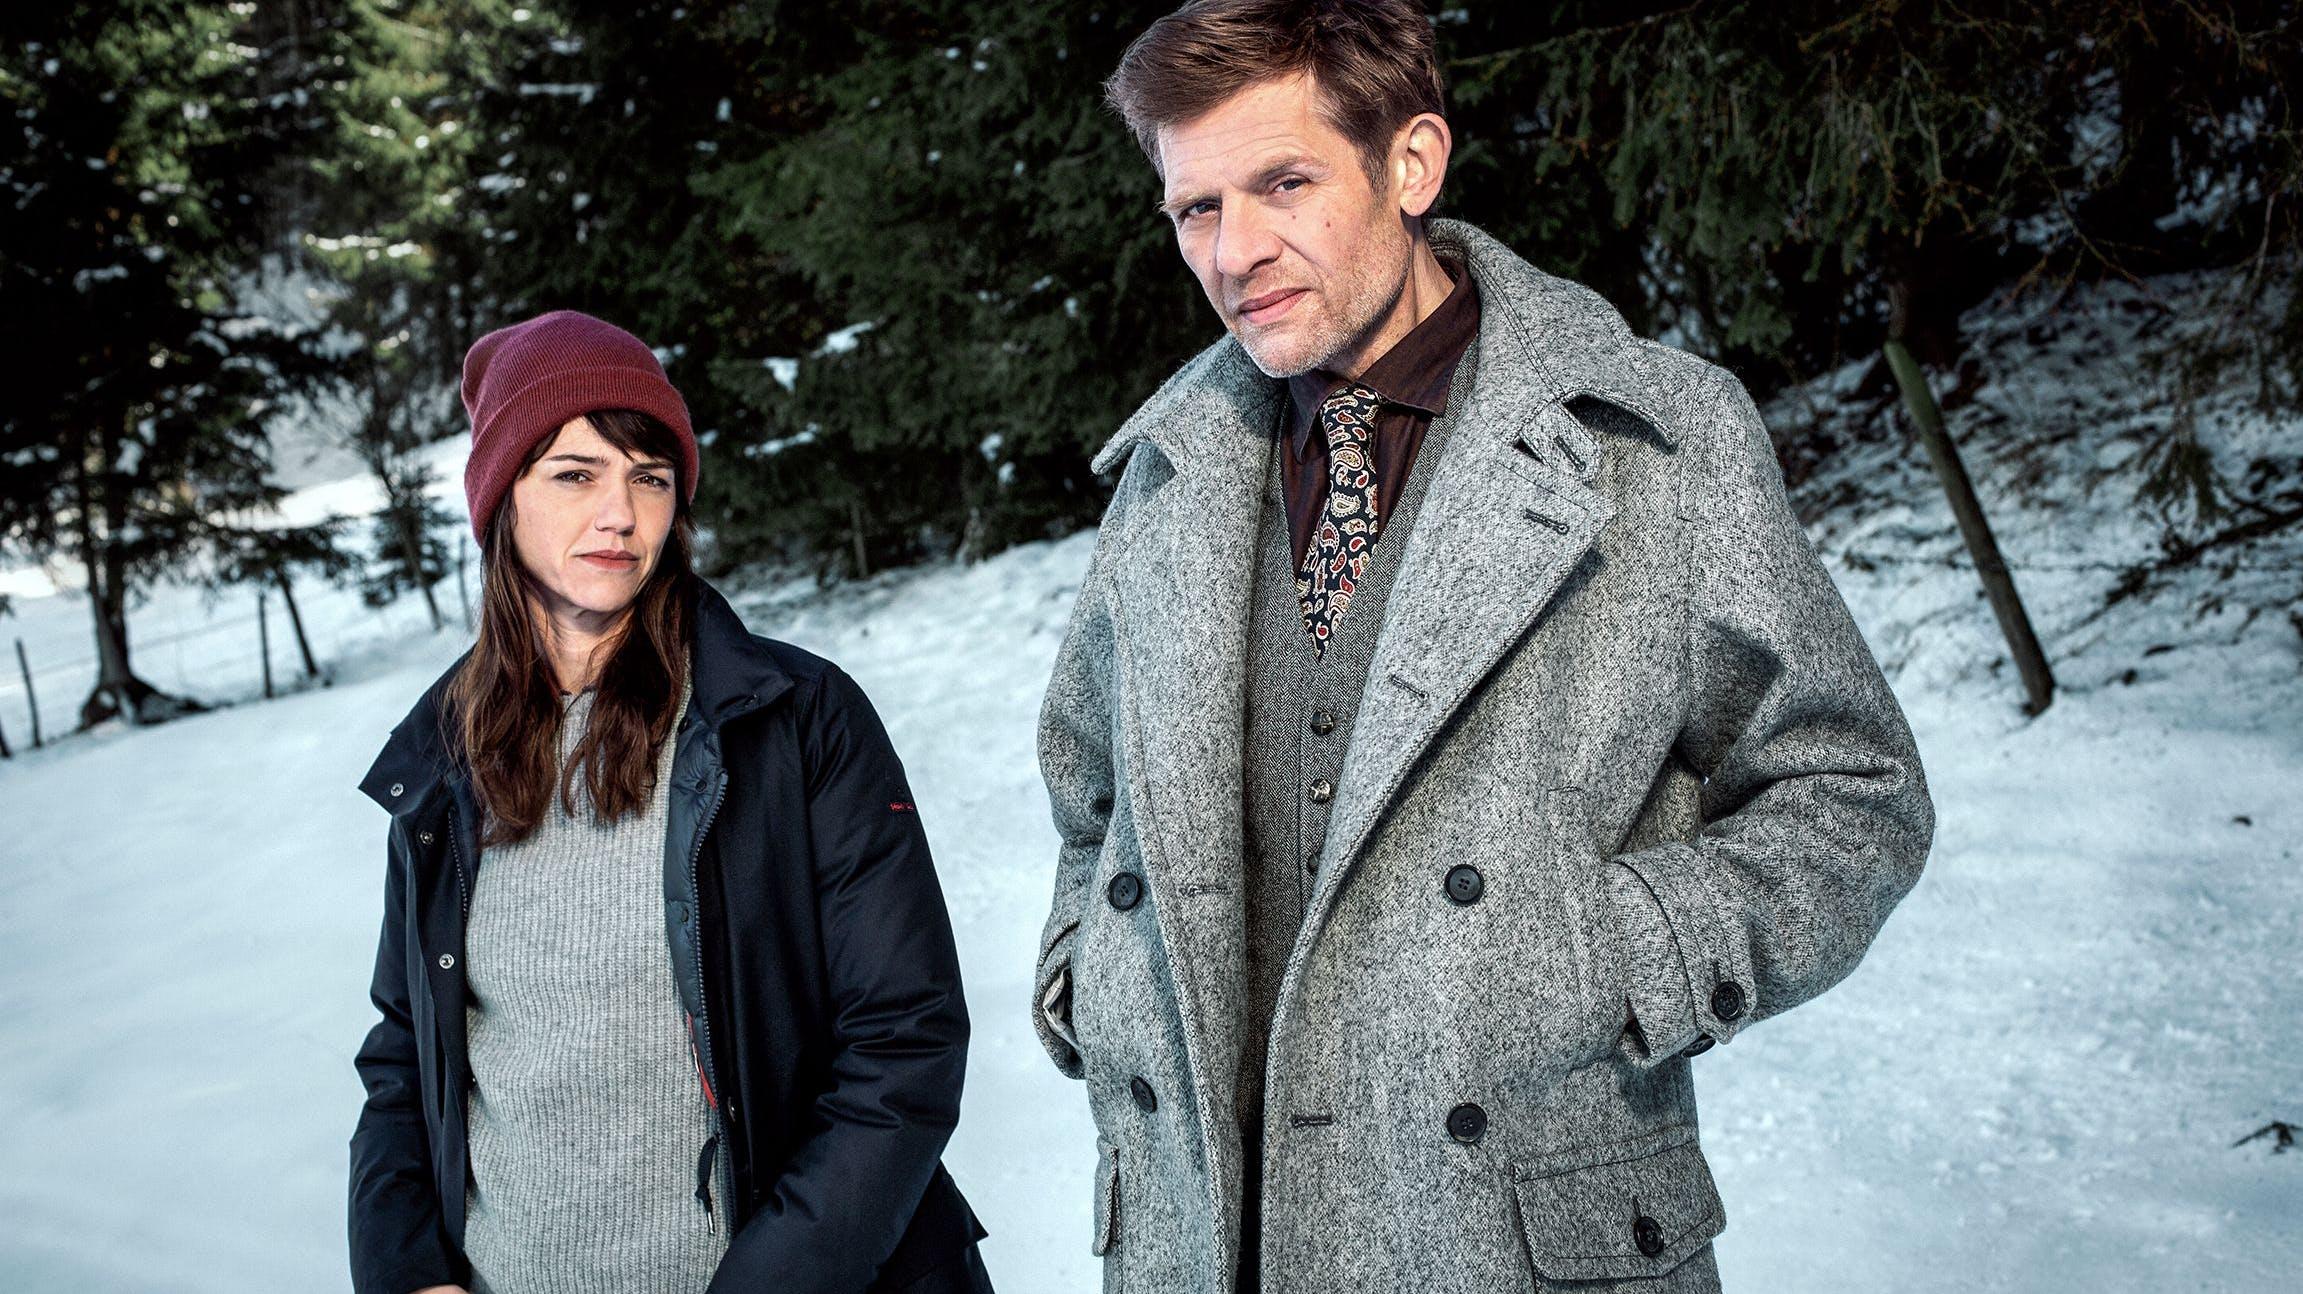 In der dritten Staffel jagen Rosa Wilder und Manfred Kägi einen Serientäter, dessen Identität das Publikum schon früh kennt. Die Geschichte wird zum ersten Mal im Stil eines Thrillers erzählt.